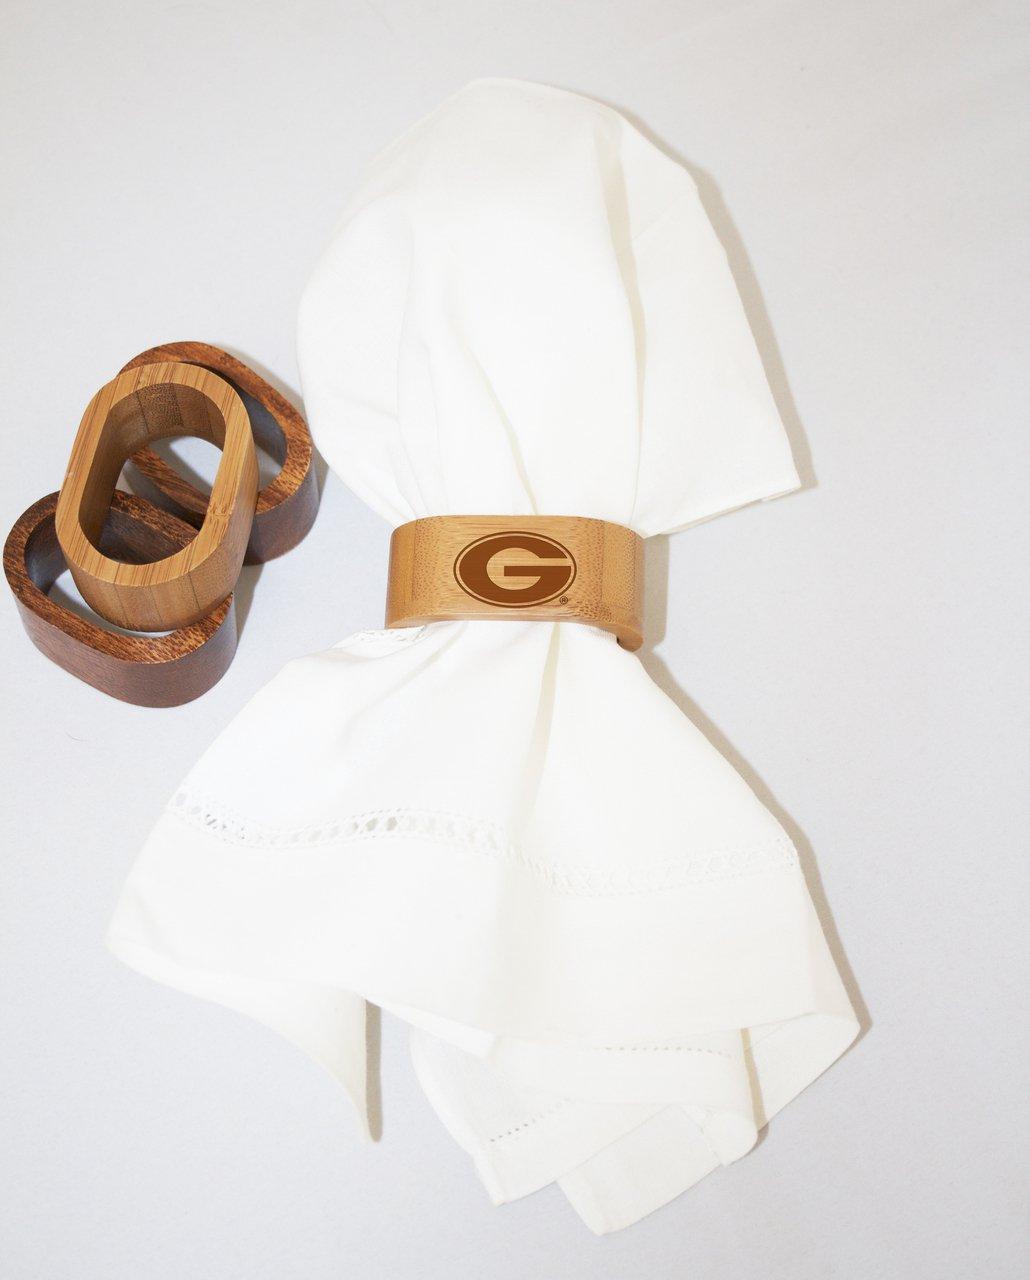 Georgia Napkin Rings